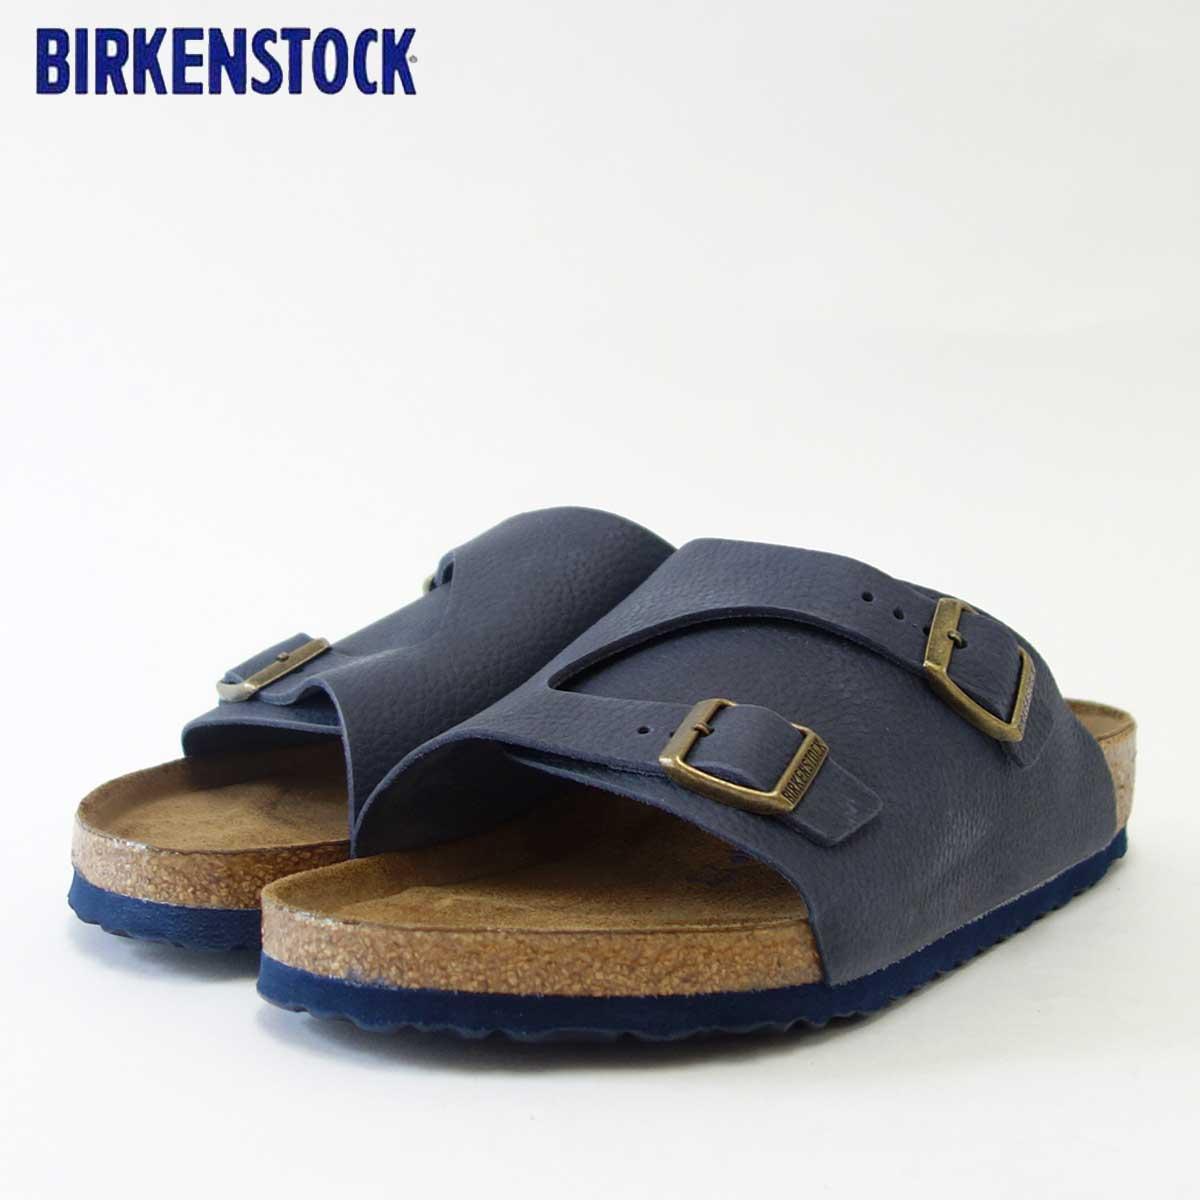 BIRKENSTOCK ビルケンシュトック ZURICH SFB(チューリッヒ) GC 1008907 天然皮革/インディゴ(メンズ サンダル)「正規輸入品」 「靴」